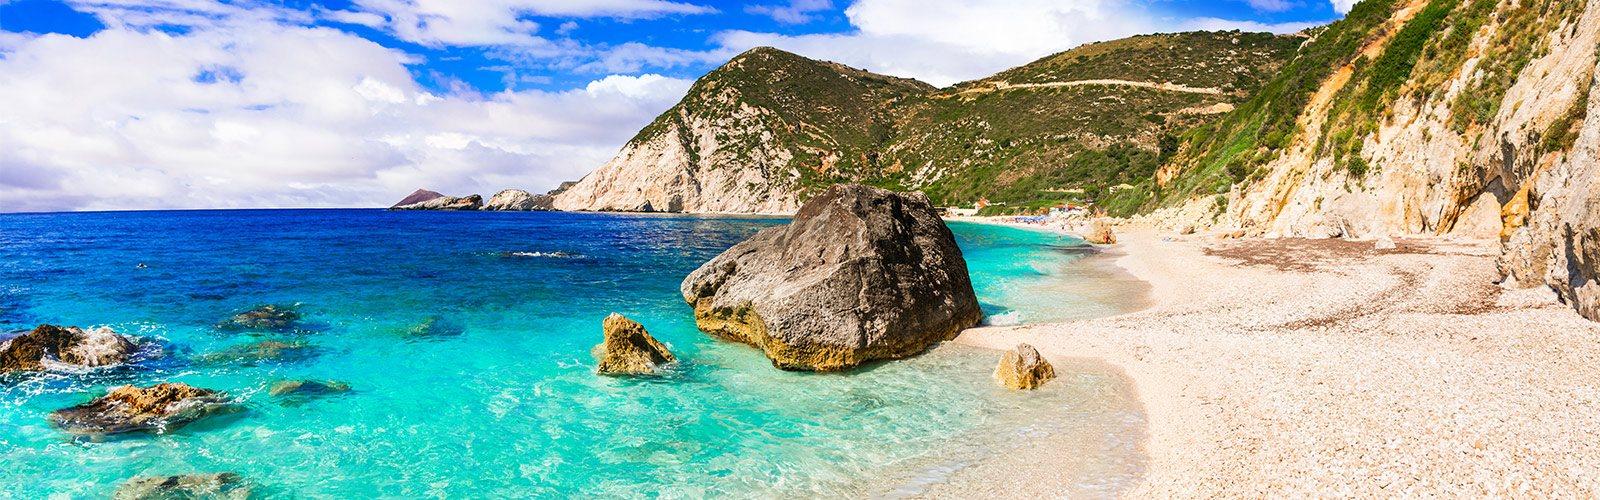 Paradiesisch türkises Meer und weißer Sand schmücken den Petani Beach auf Kefalonia